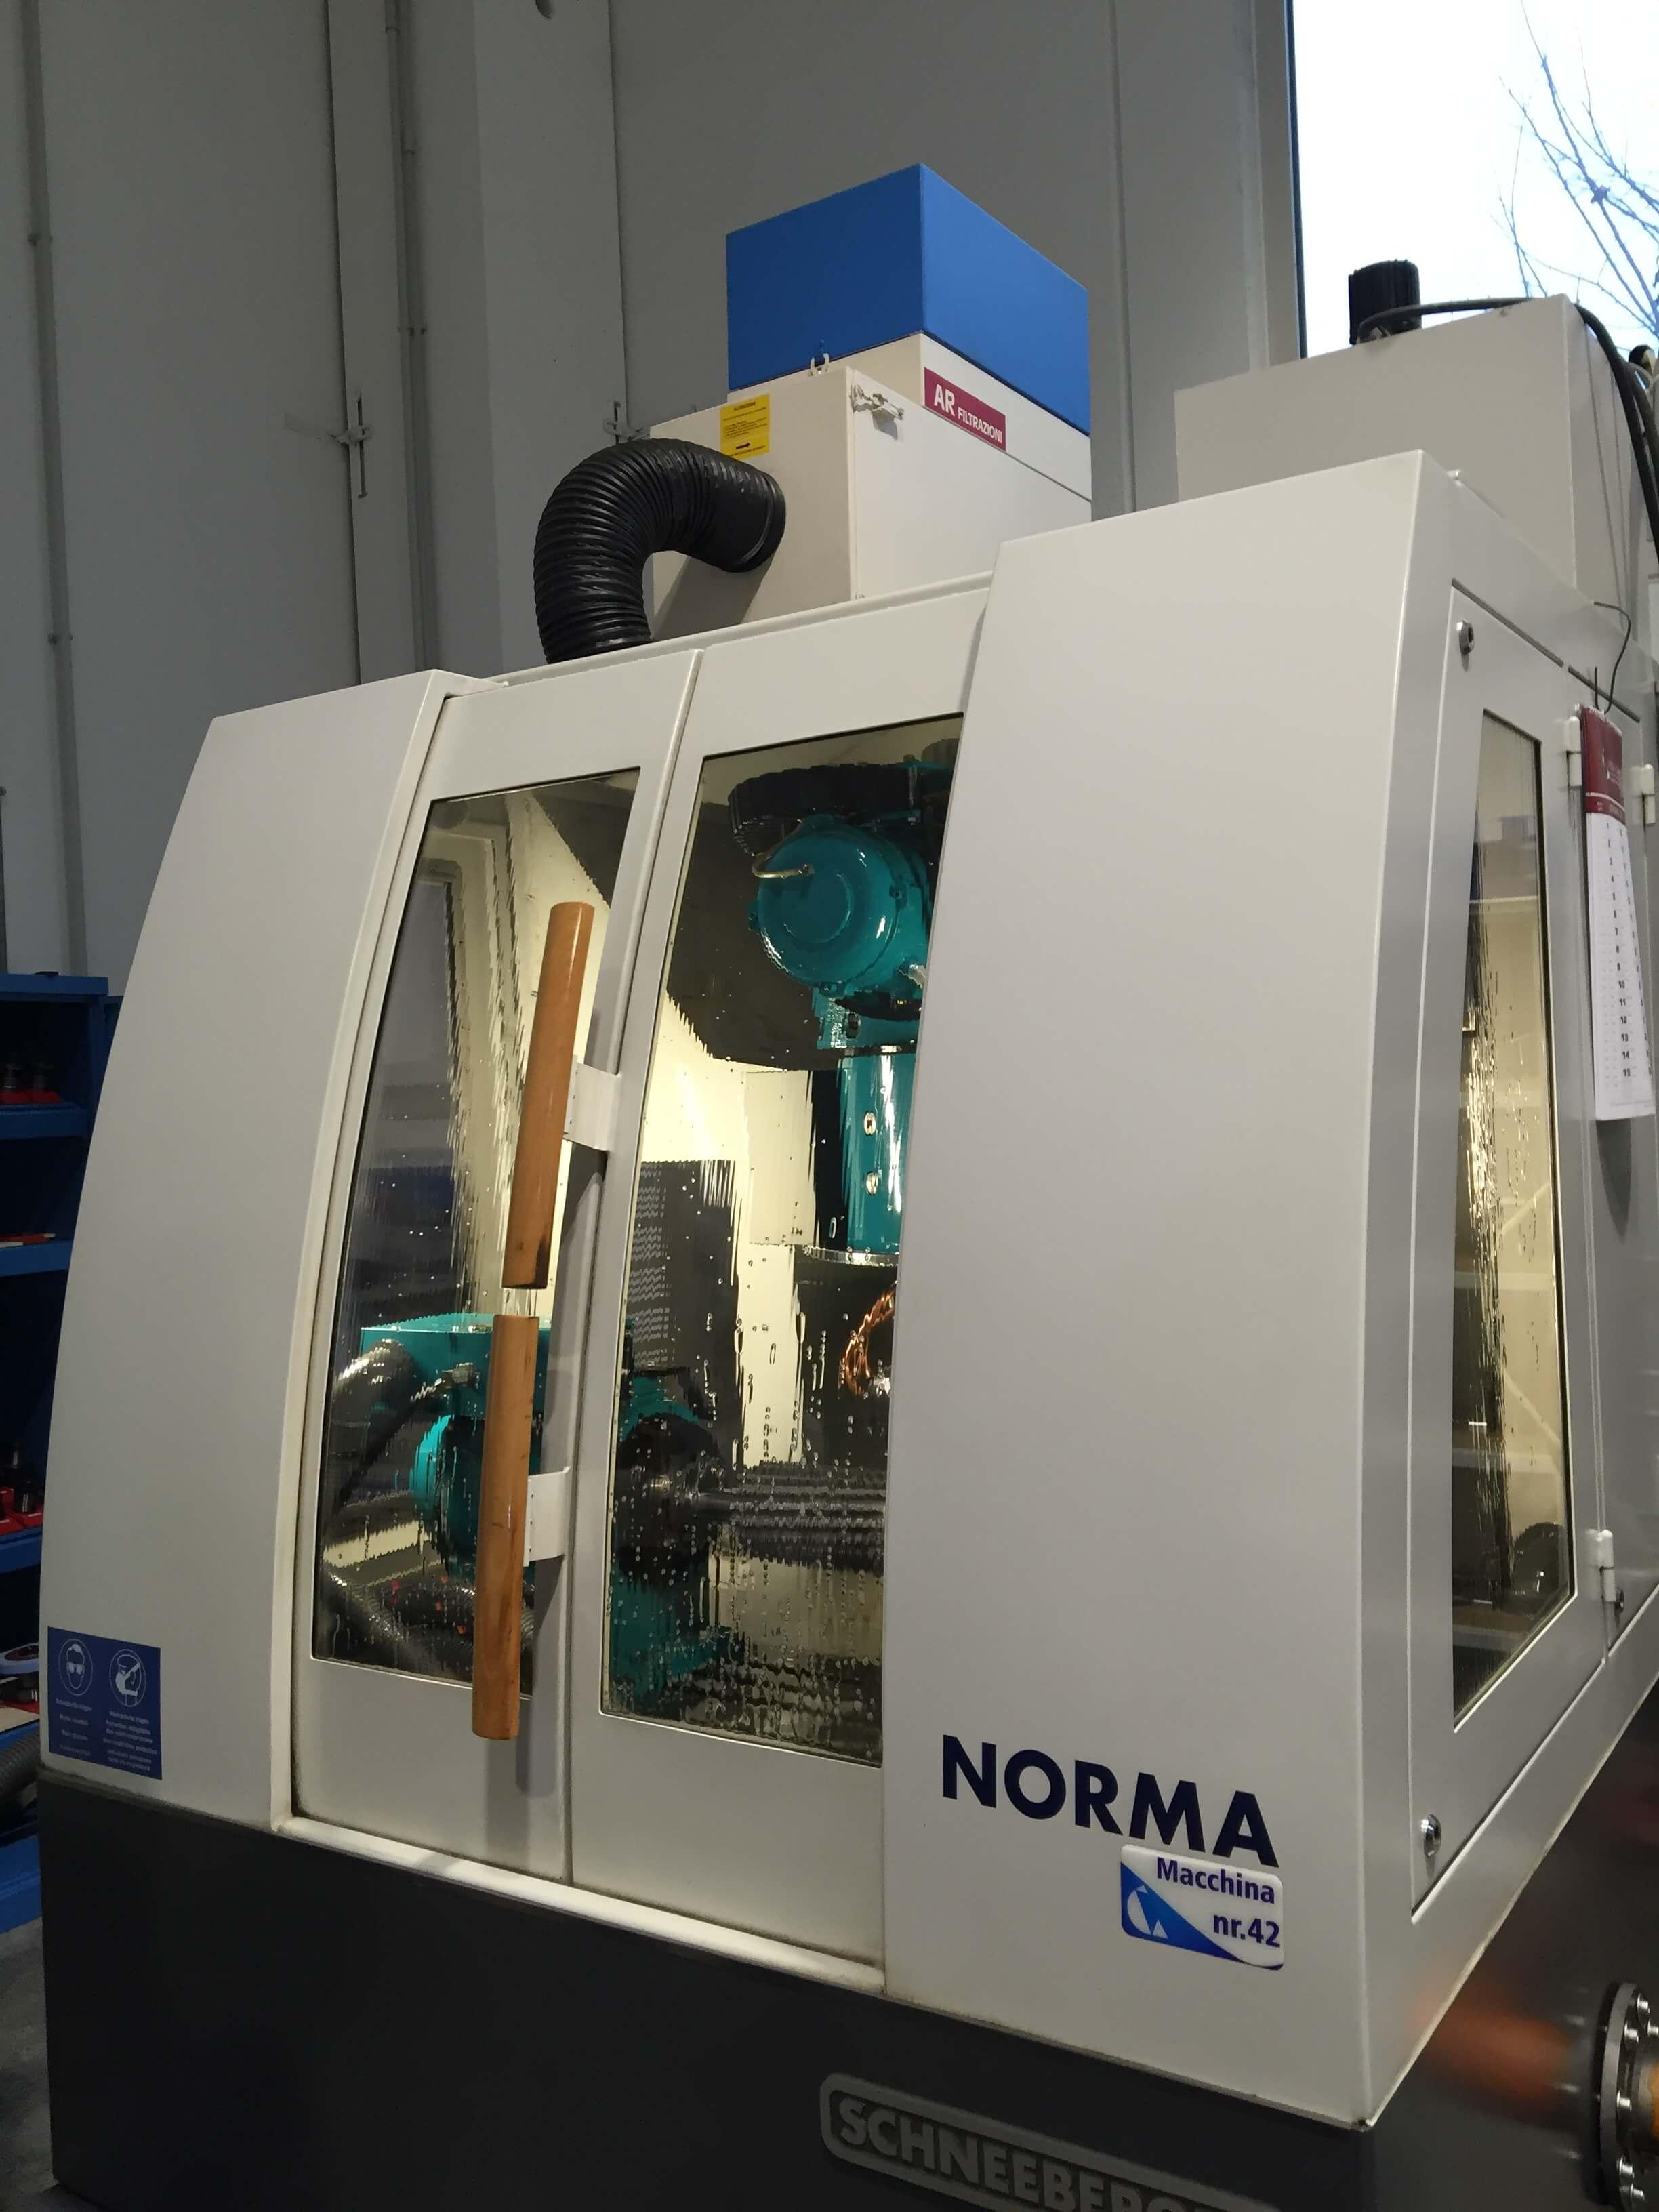 AR Filtrazioni è produttore di filtri per nebbie oleose e fumi derivanti da rettifiche e macchinari rettifica SHNEEBERG